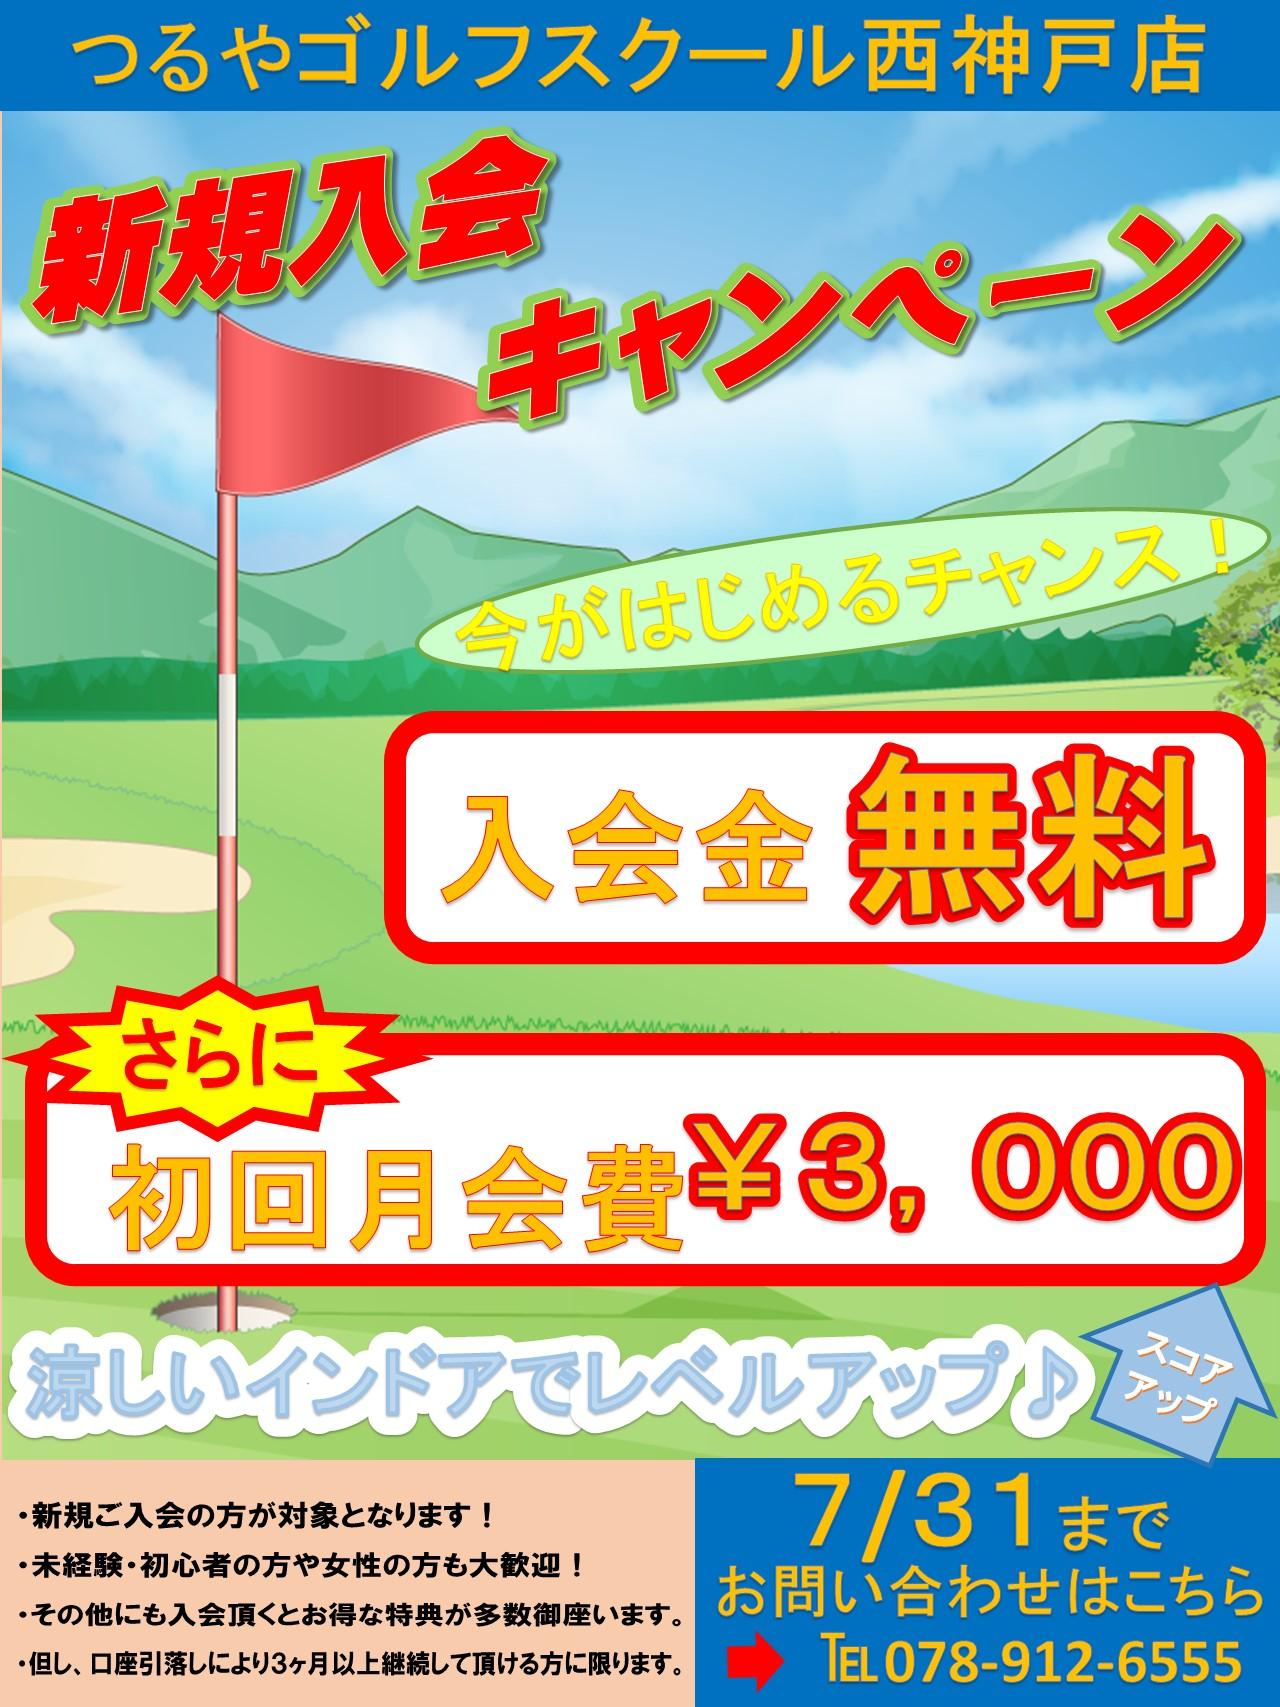 ゴルフスクール西神戸6月入会キャンペーン